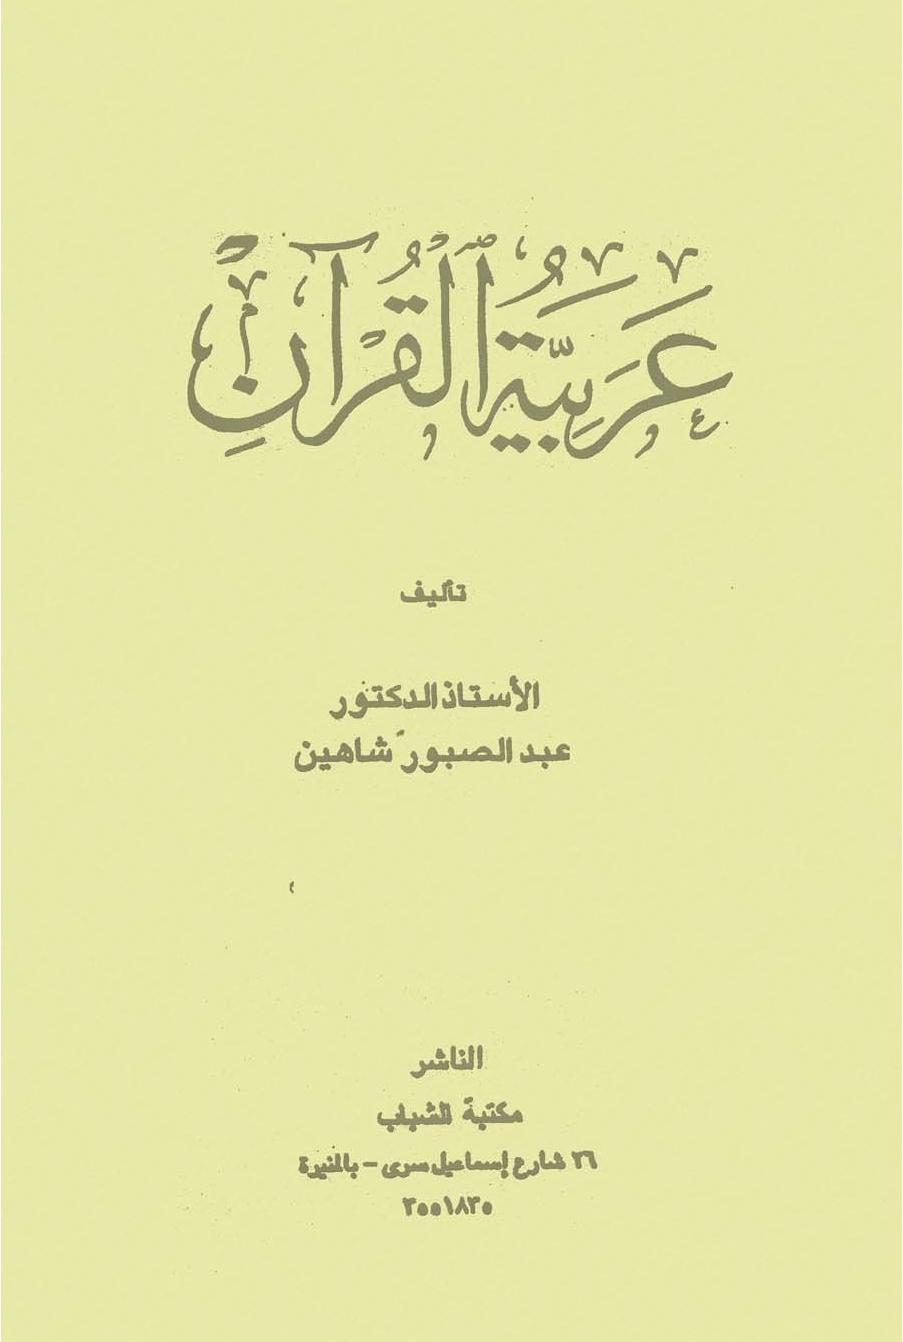 تحميل كتاب عربية القرآن لـِ: الدكتور عبد الصبور شاهين